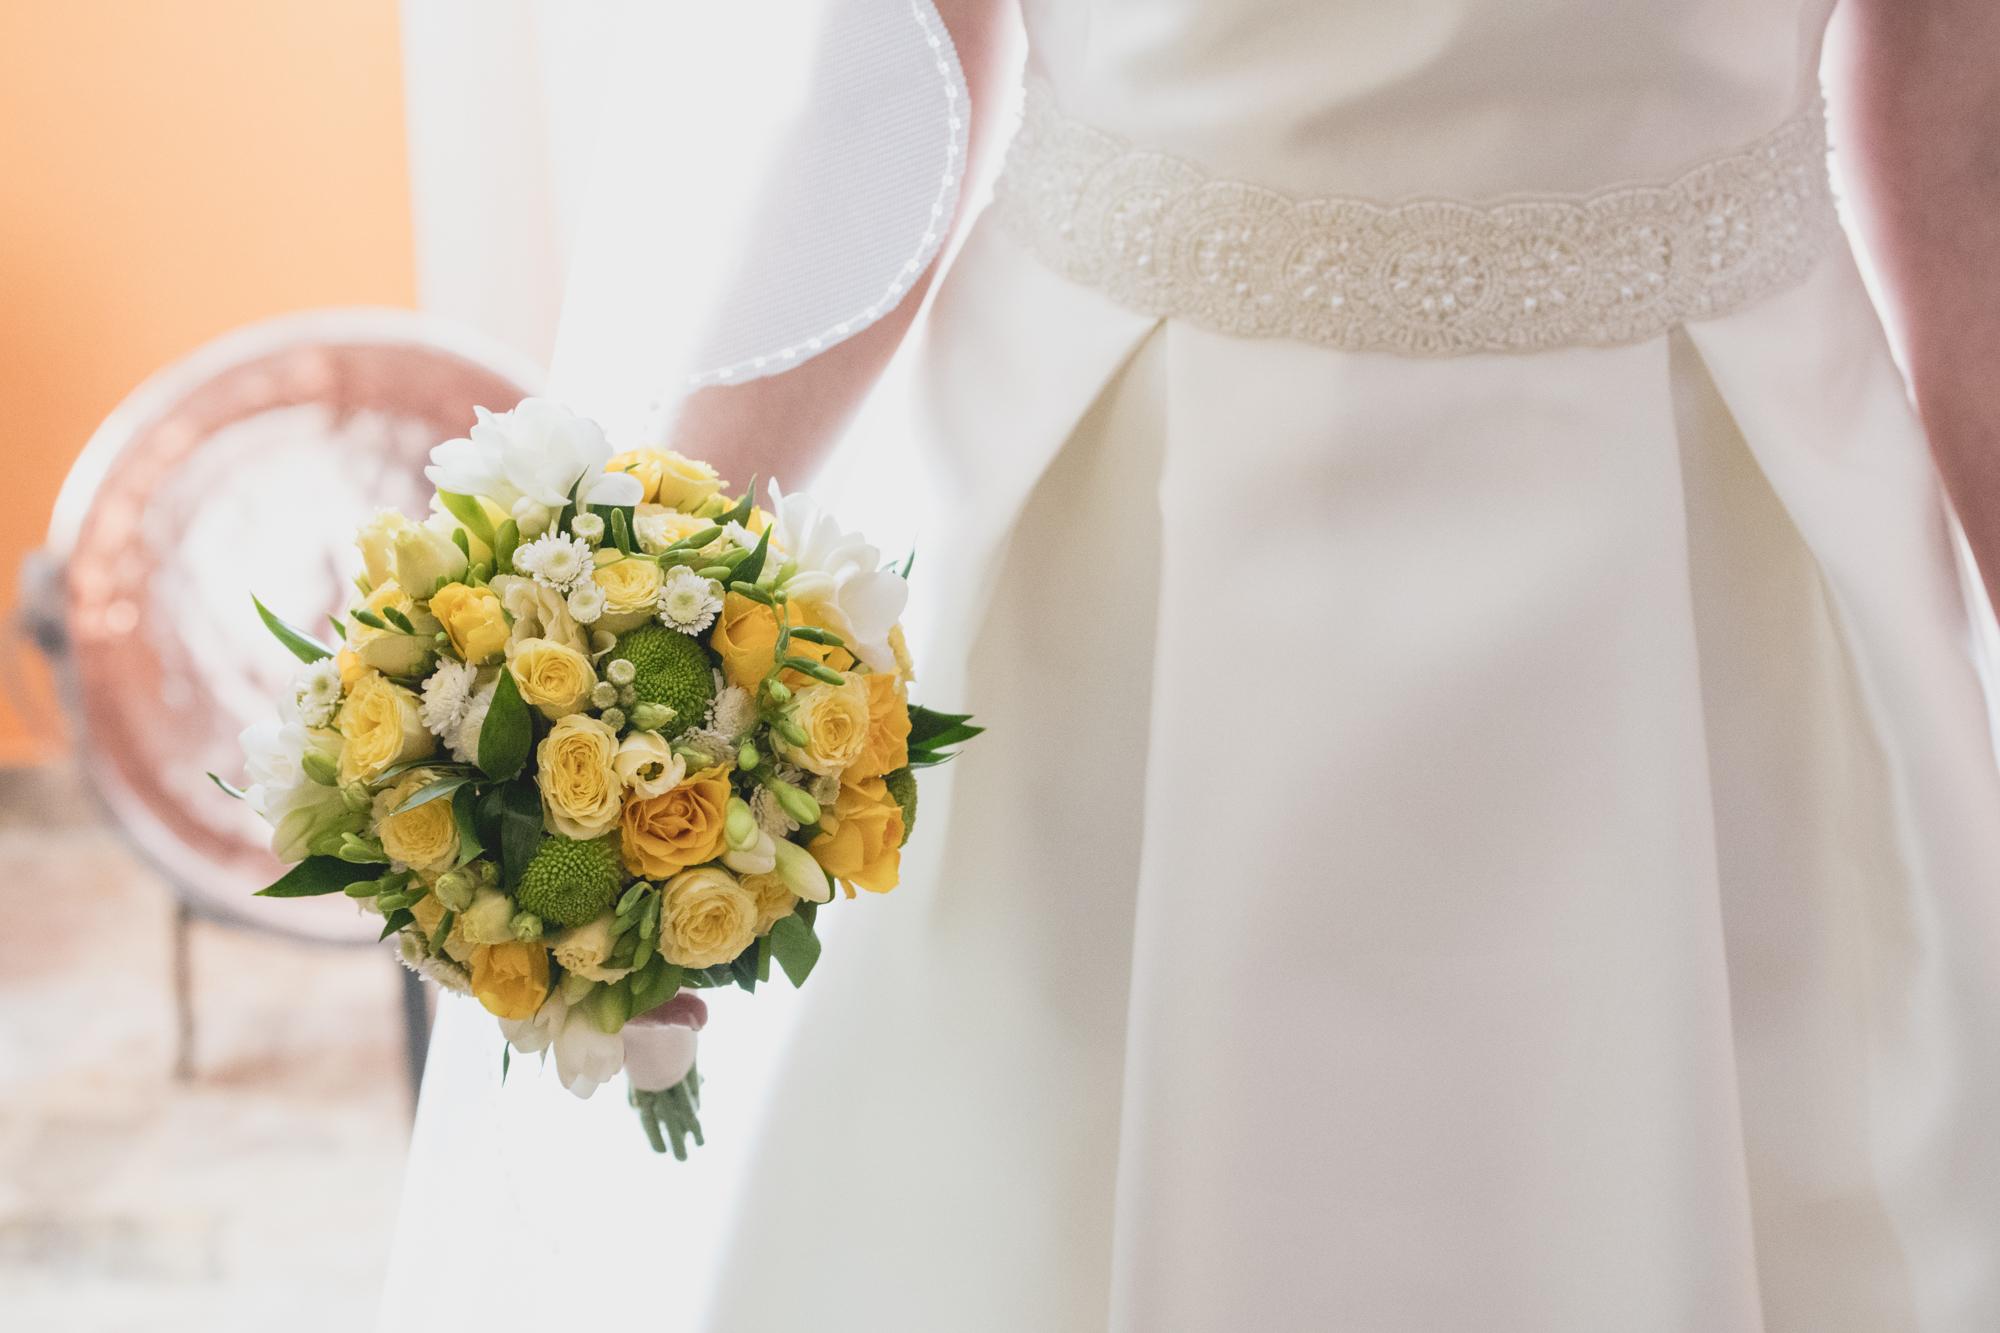 fotografia-de-bodas-ramo-novia.jpg